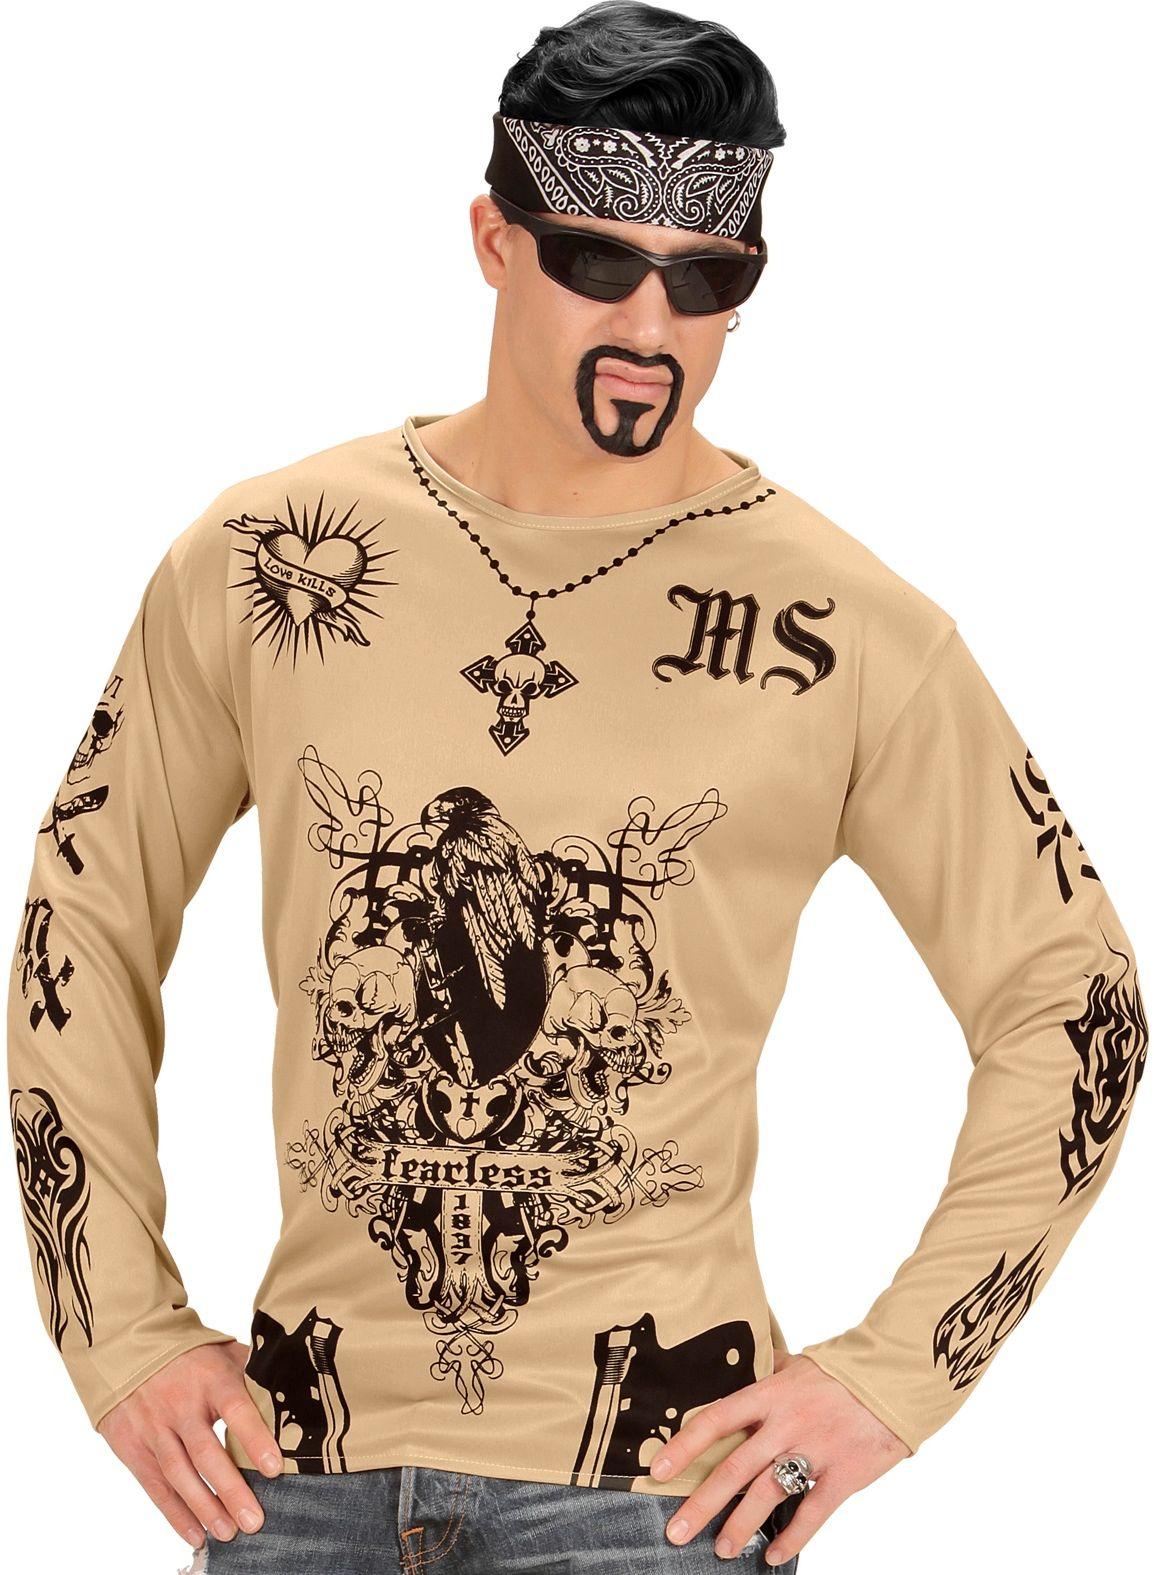 Gangster tattoo shirt